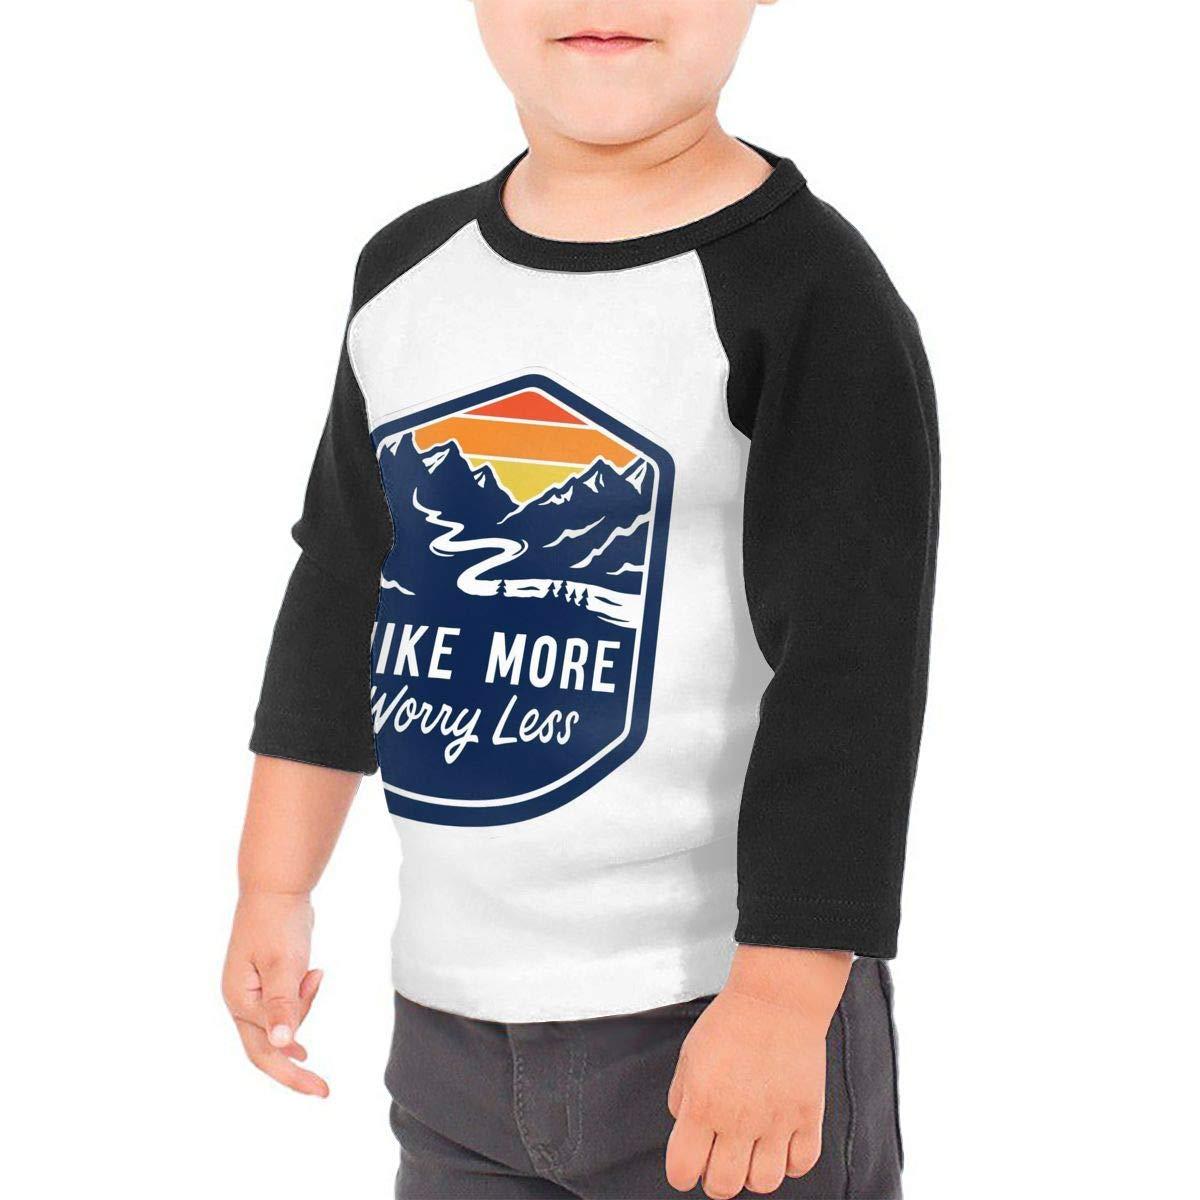 Hike More Worry Less Kids Jersey Raglan T-Shirt Children 3//4 Sleeve Baseball Shirt Top